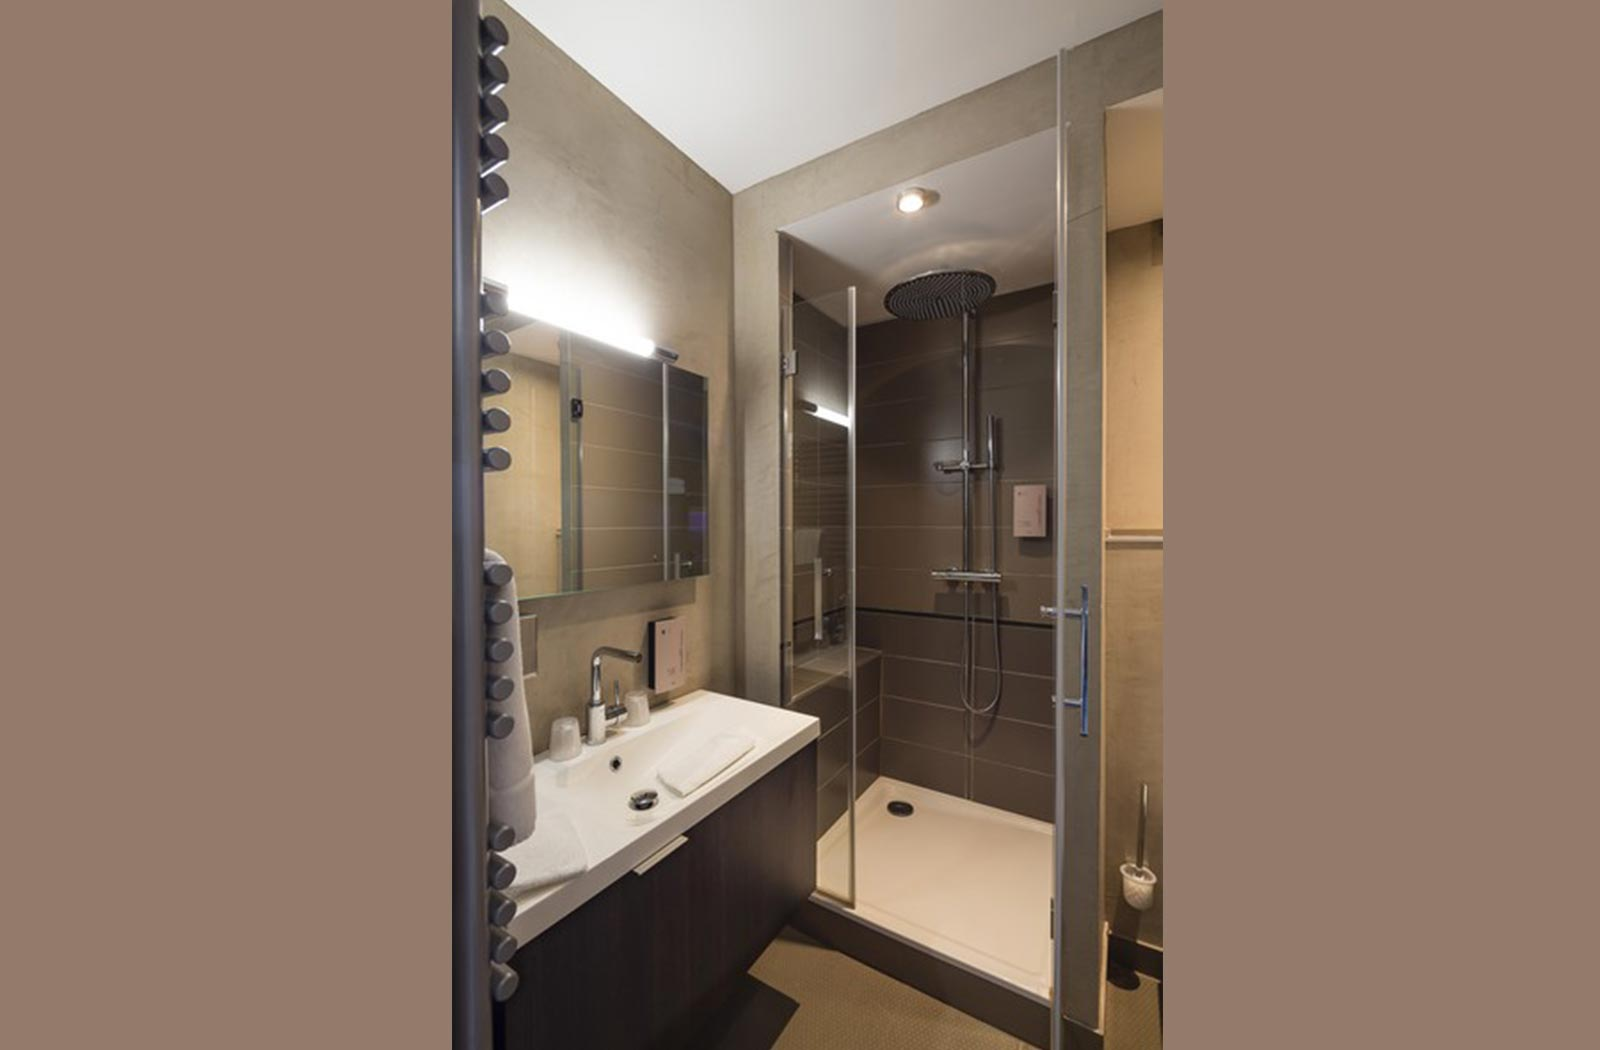 Salle de bain - Chambre harmonie hôtel 4 étoiles La montagne de ...